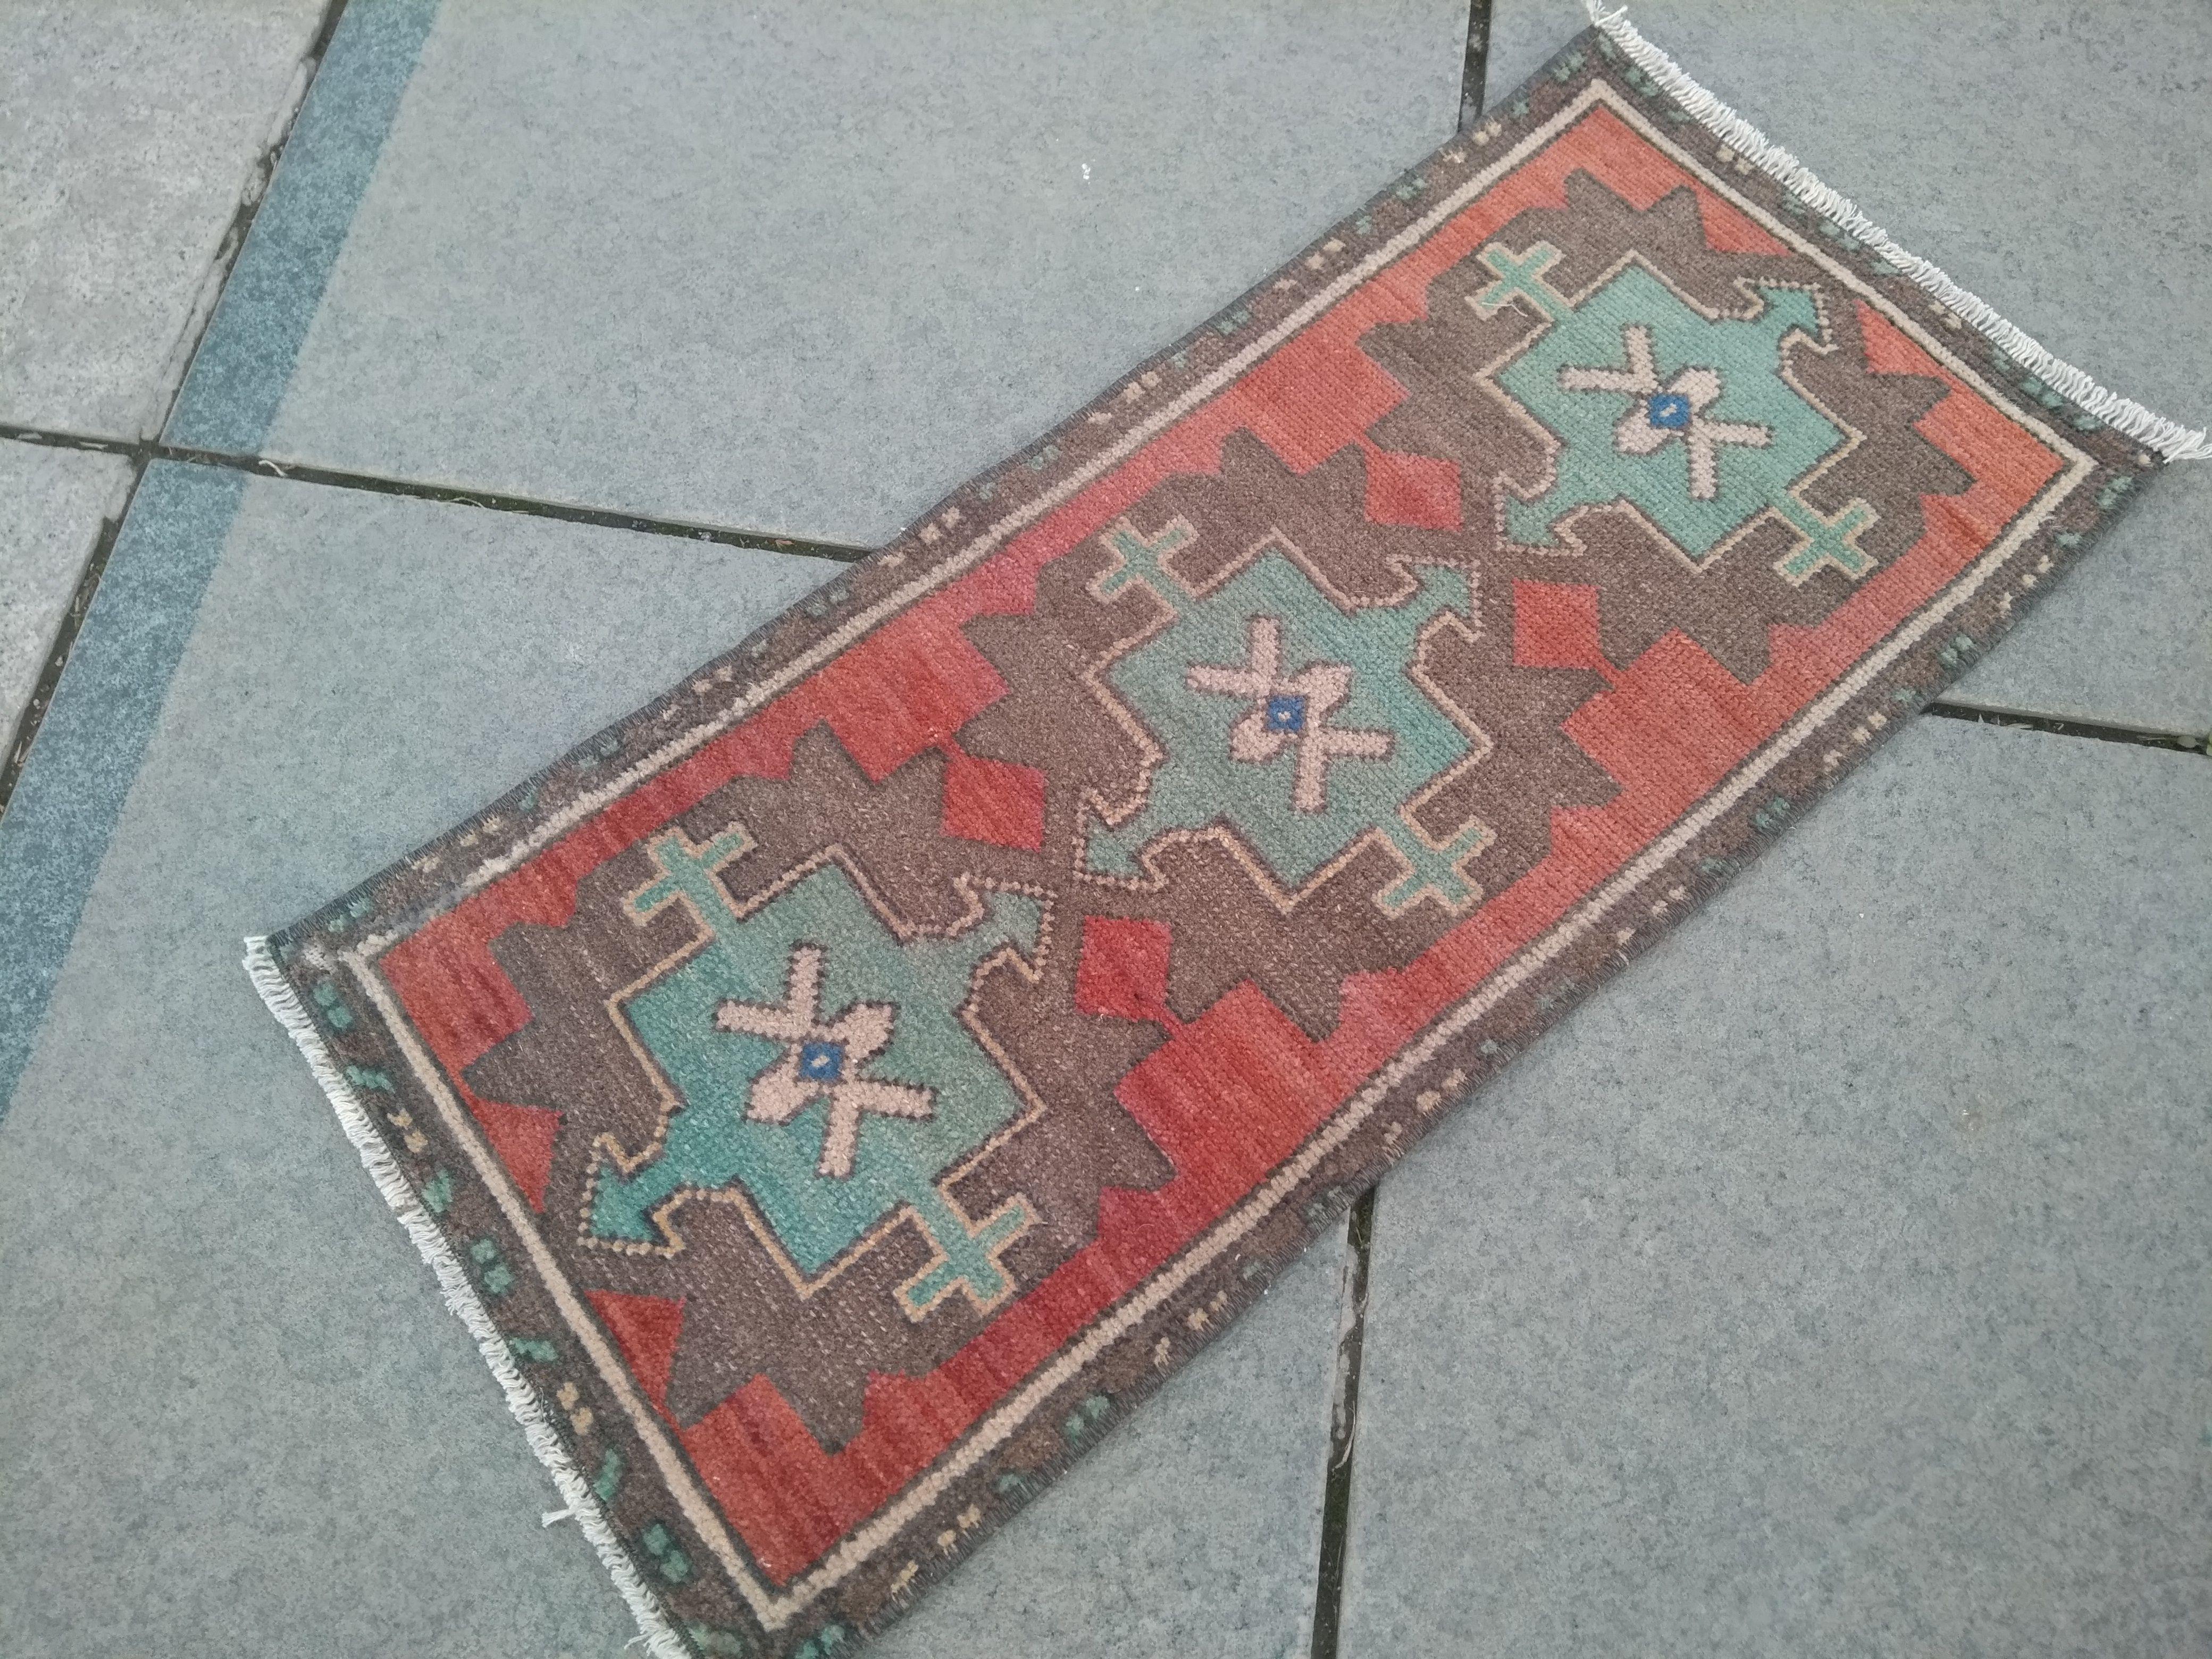 mat rugs home rug handmade door living